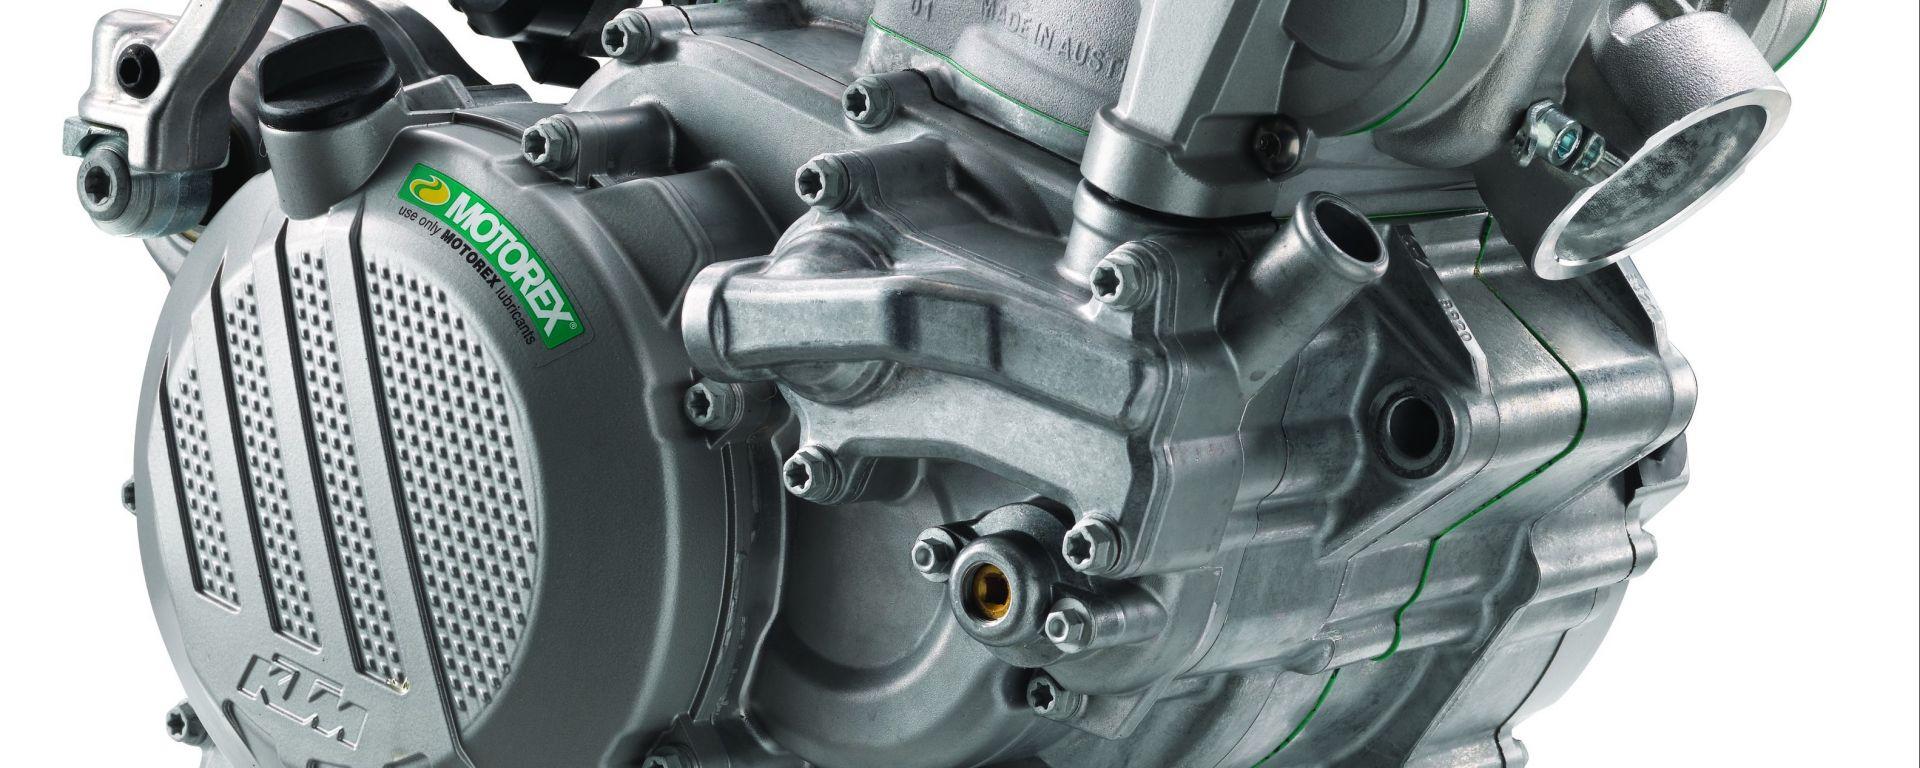 KTM: nuovo motore 2T con iniezione elettronica TPI